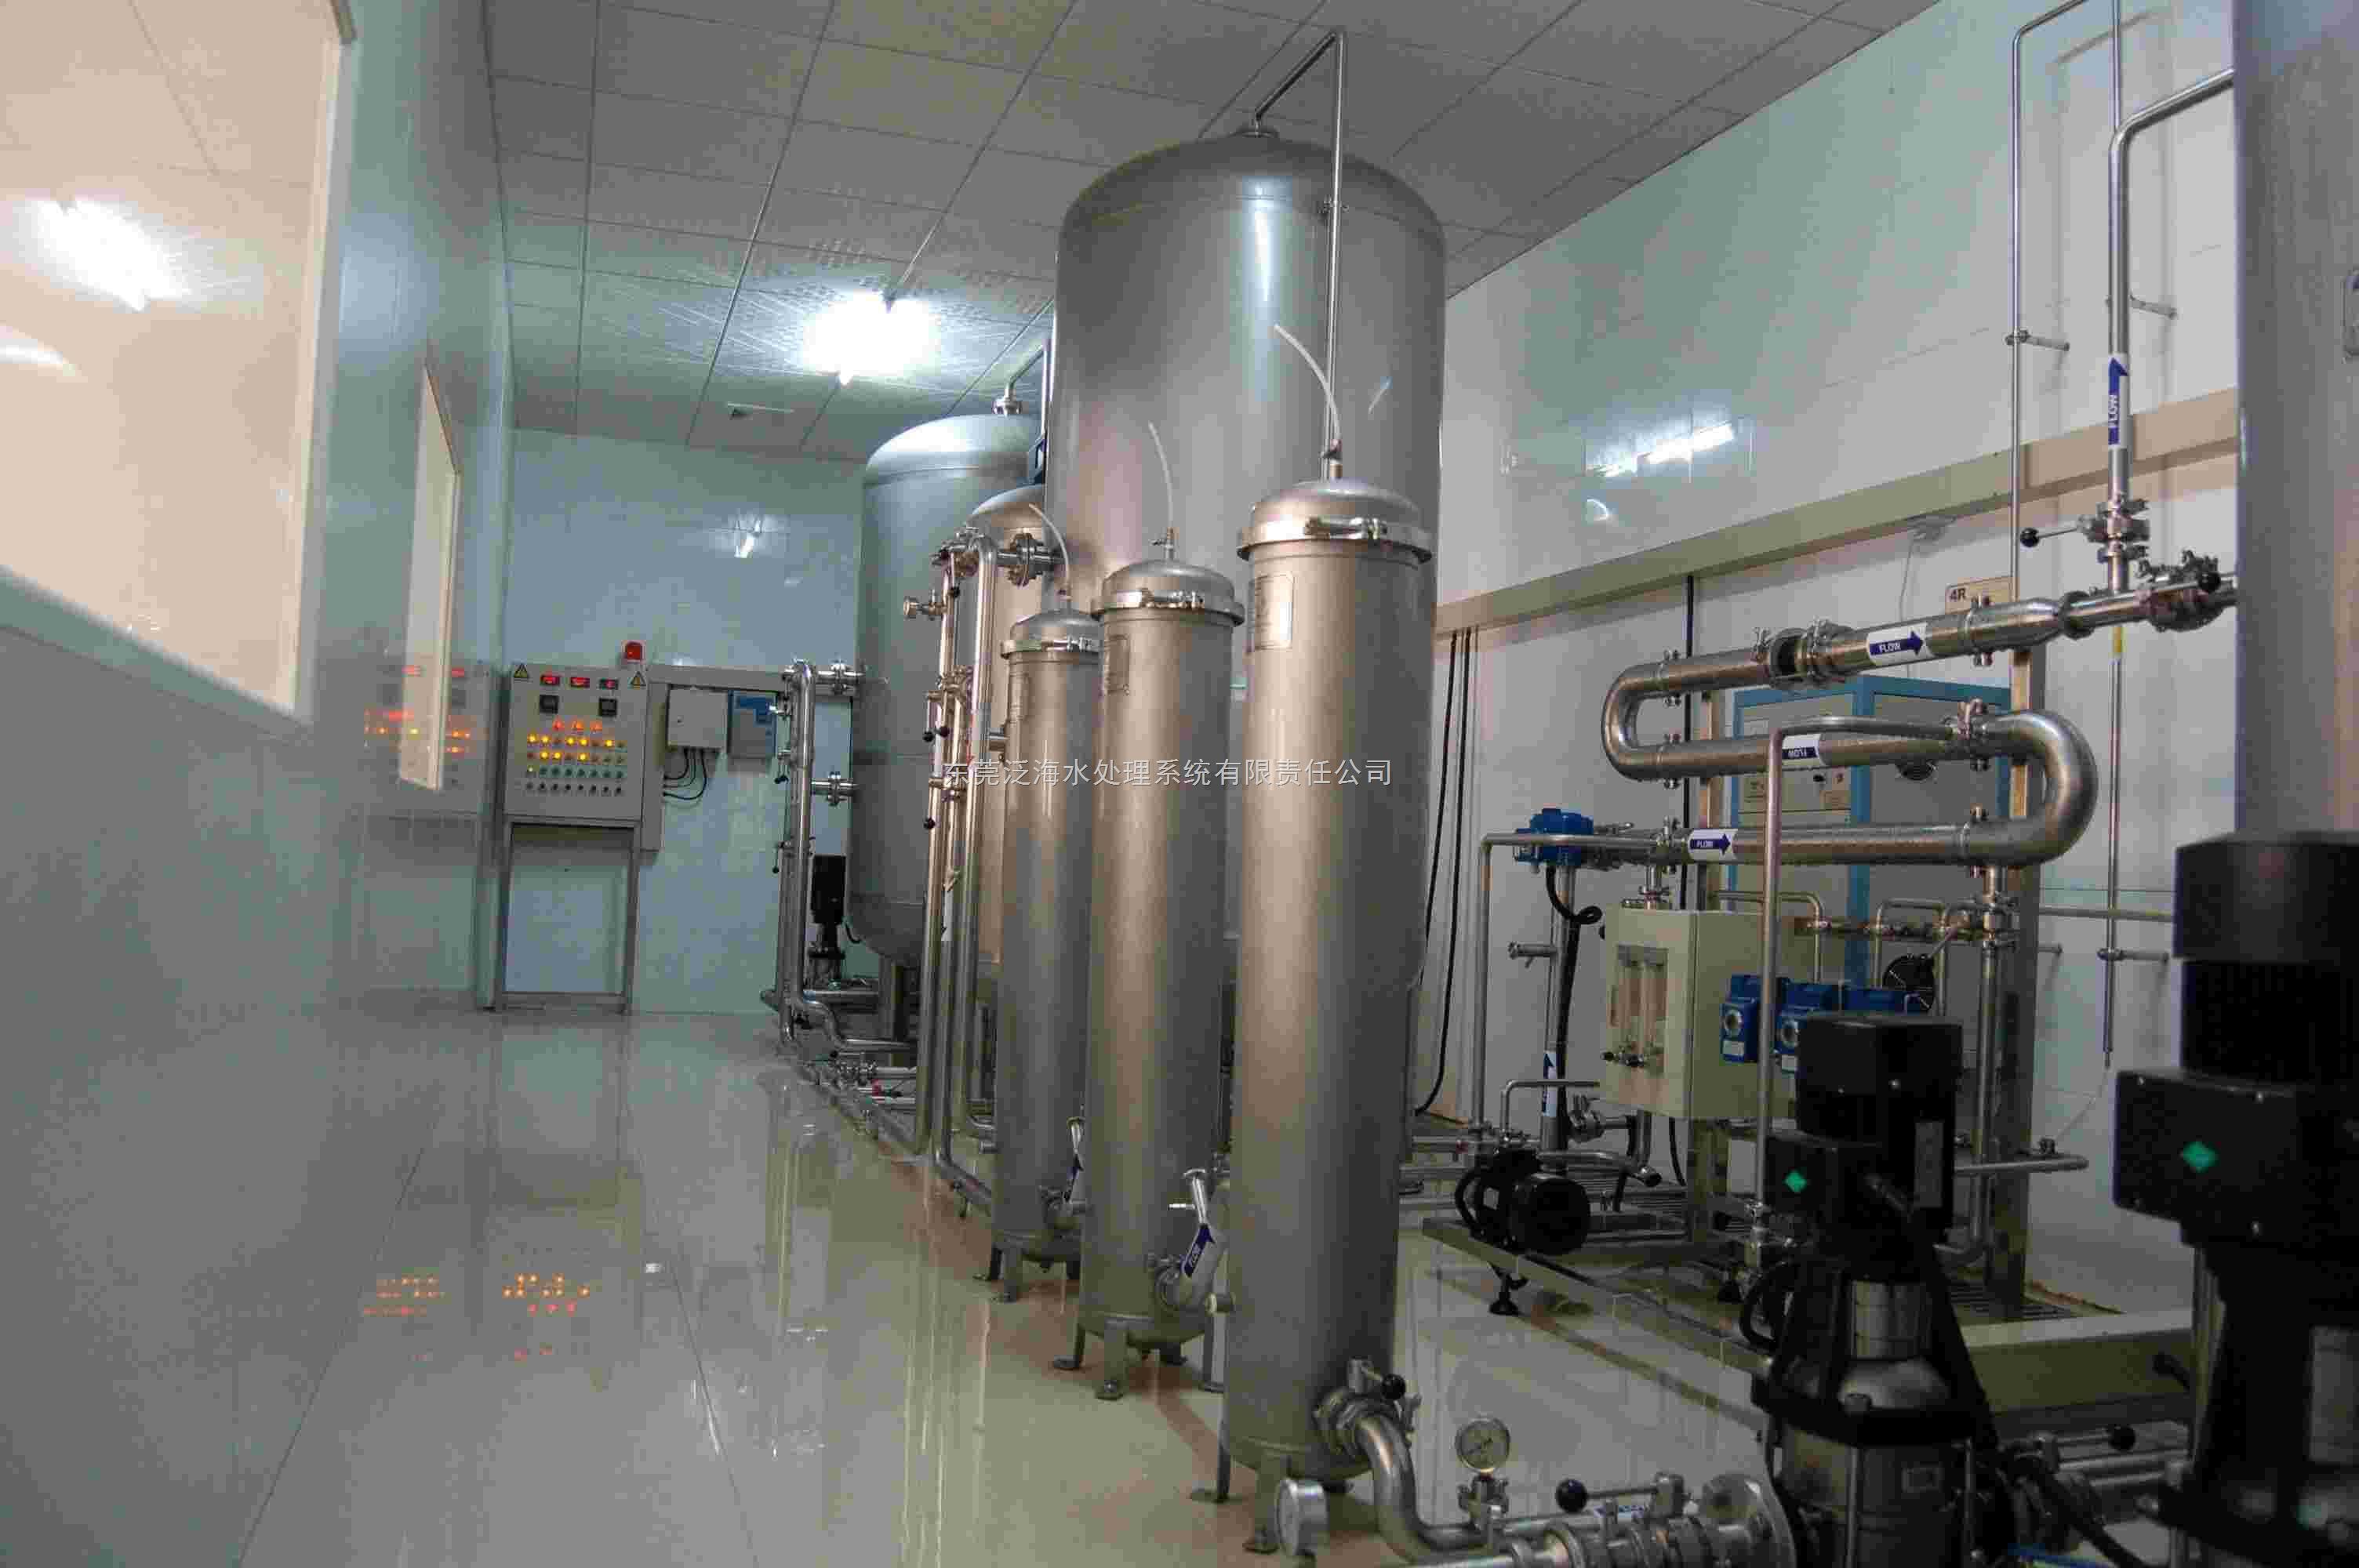 公司的主要产品有: 水处理设备。包括矿泉水、山泉水、纯净水、矿化水等。 5加仑灌装生产线。 应用于5加仑灌装生产线的后包装设备,包括5加仑套标机和各种码垛机。 PET瓶装水灌装生产线。 净化间。 公司的长期发展目标是: 成为世界一流的饮用水水处理设备和5加仑大桶灌装生产线制造商。